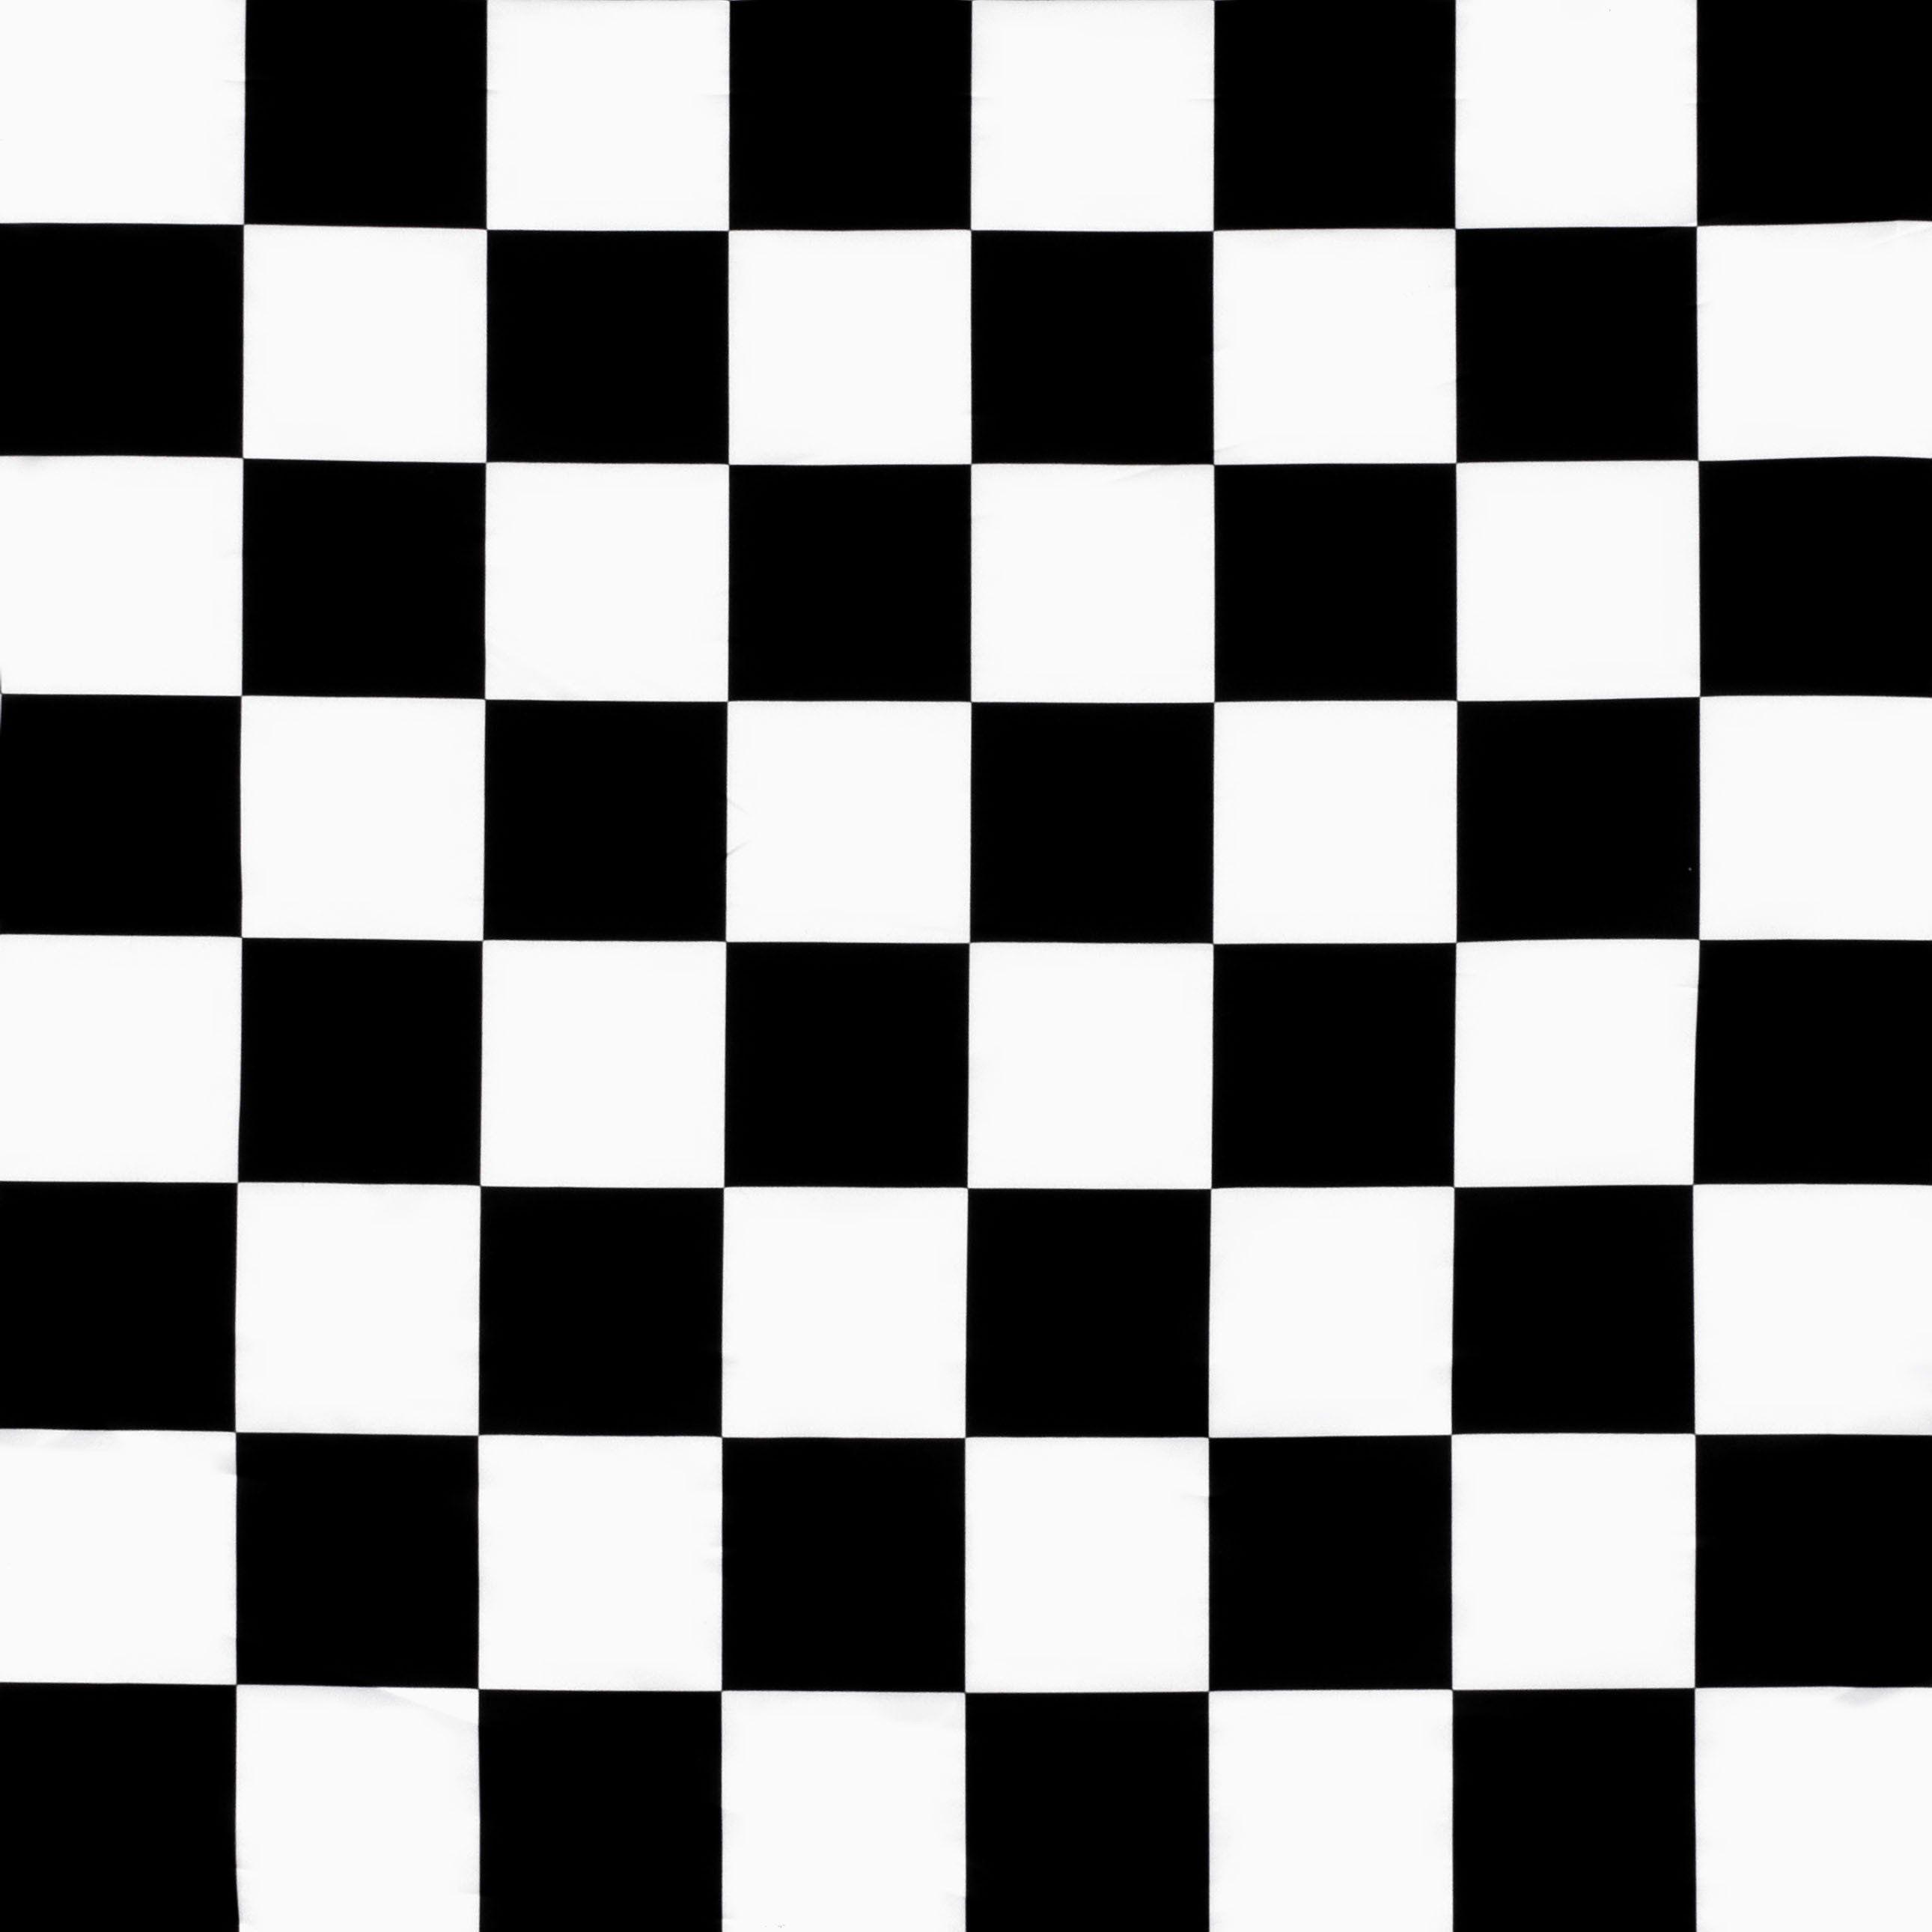 White Black Medium Checker Matte Satin Fabric Chess Board Chess Board Game Chess Pictures of a checker board